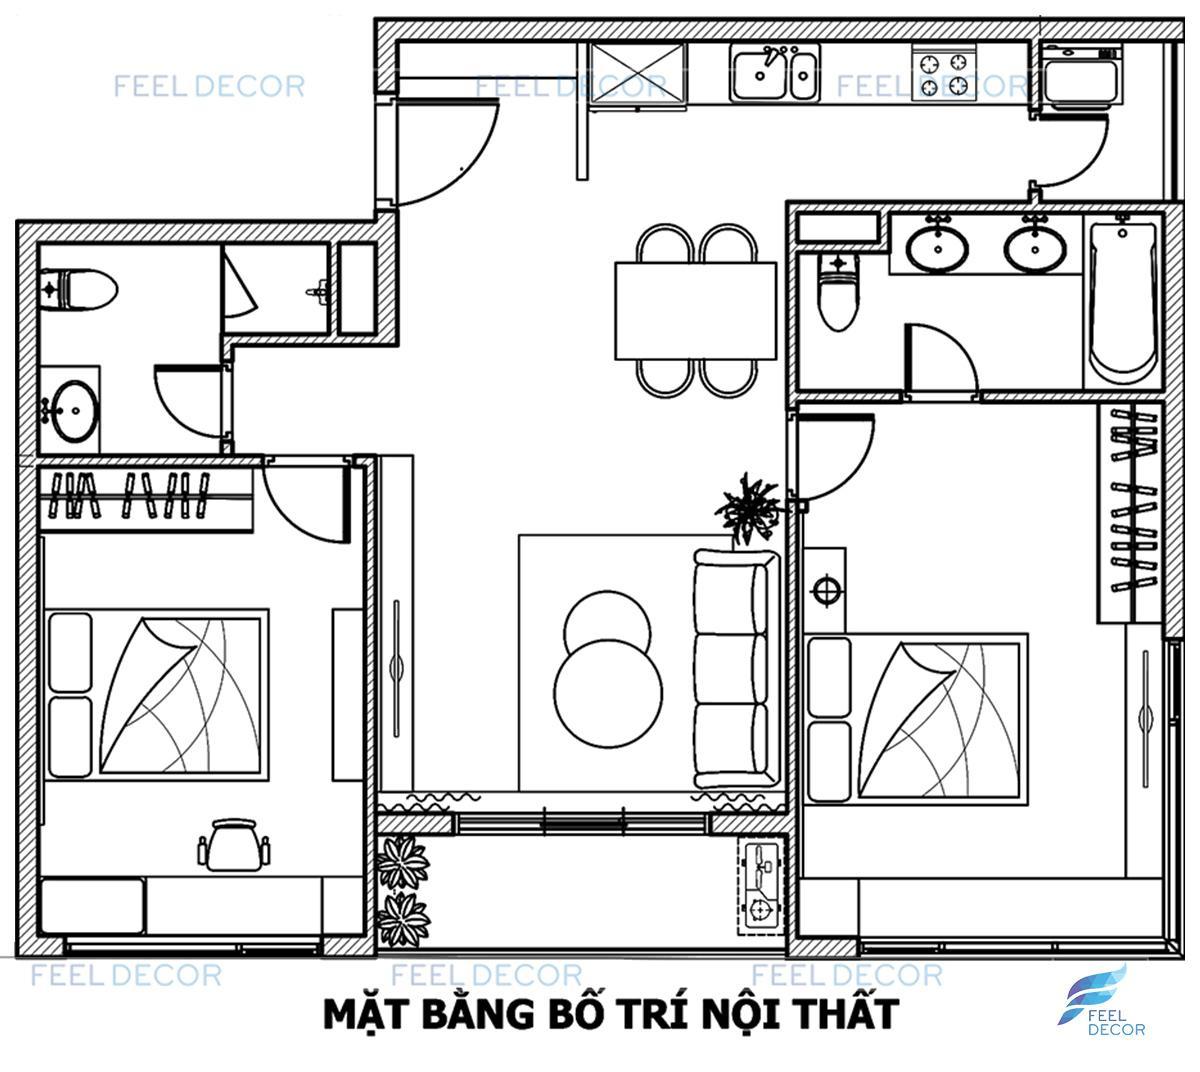 Mặt bằng thiết kế thi công nội thất căn hộ 2 phòng ngủ (94m2) chung cư Diamond Island.